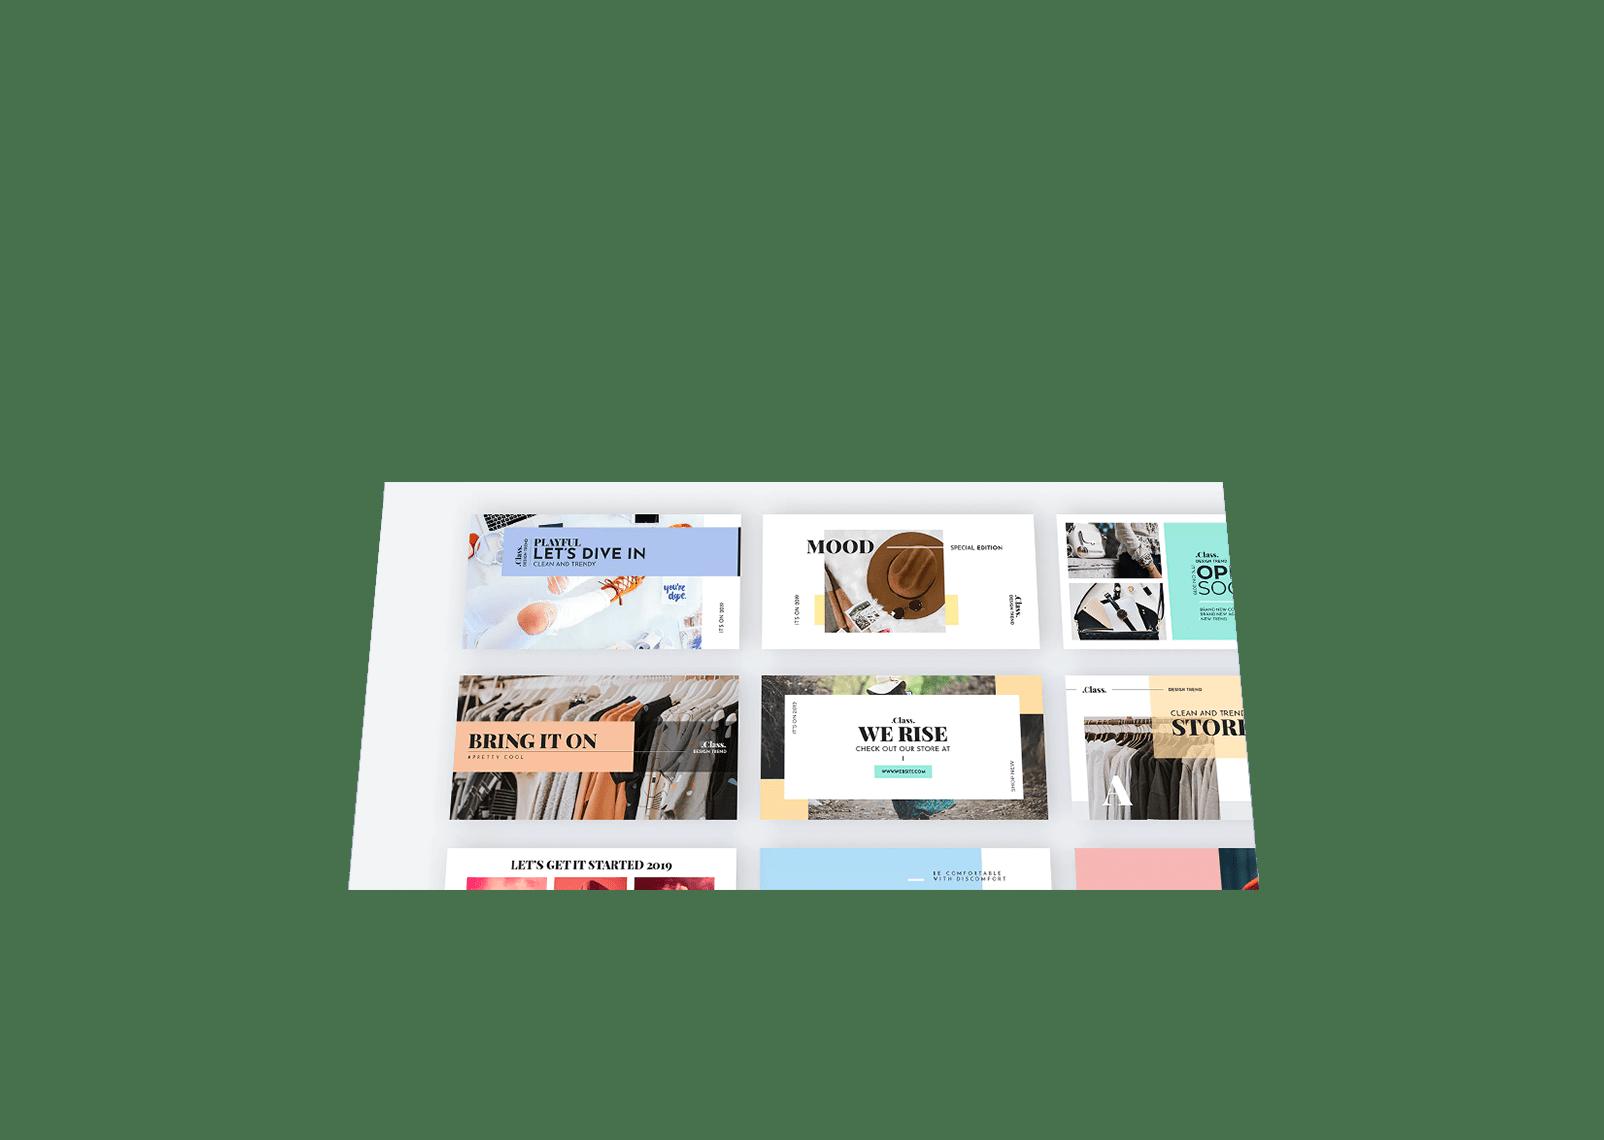 display-imac2